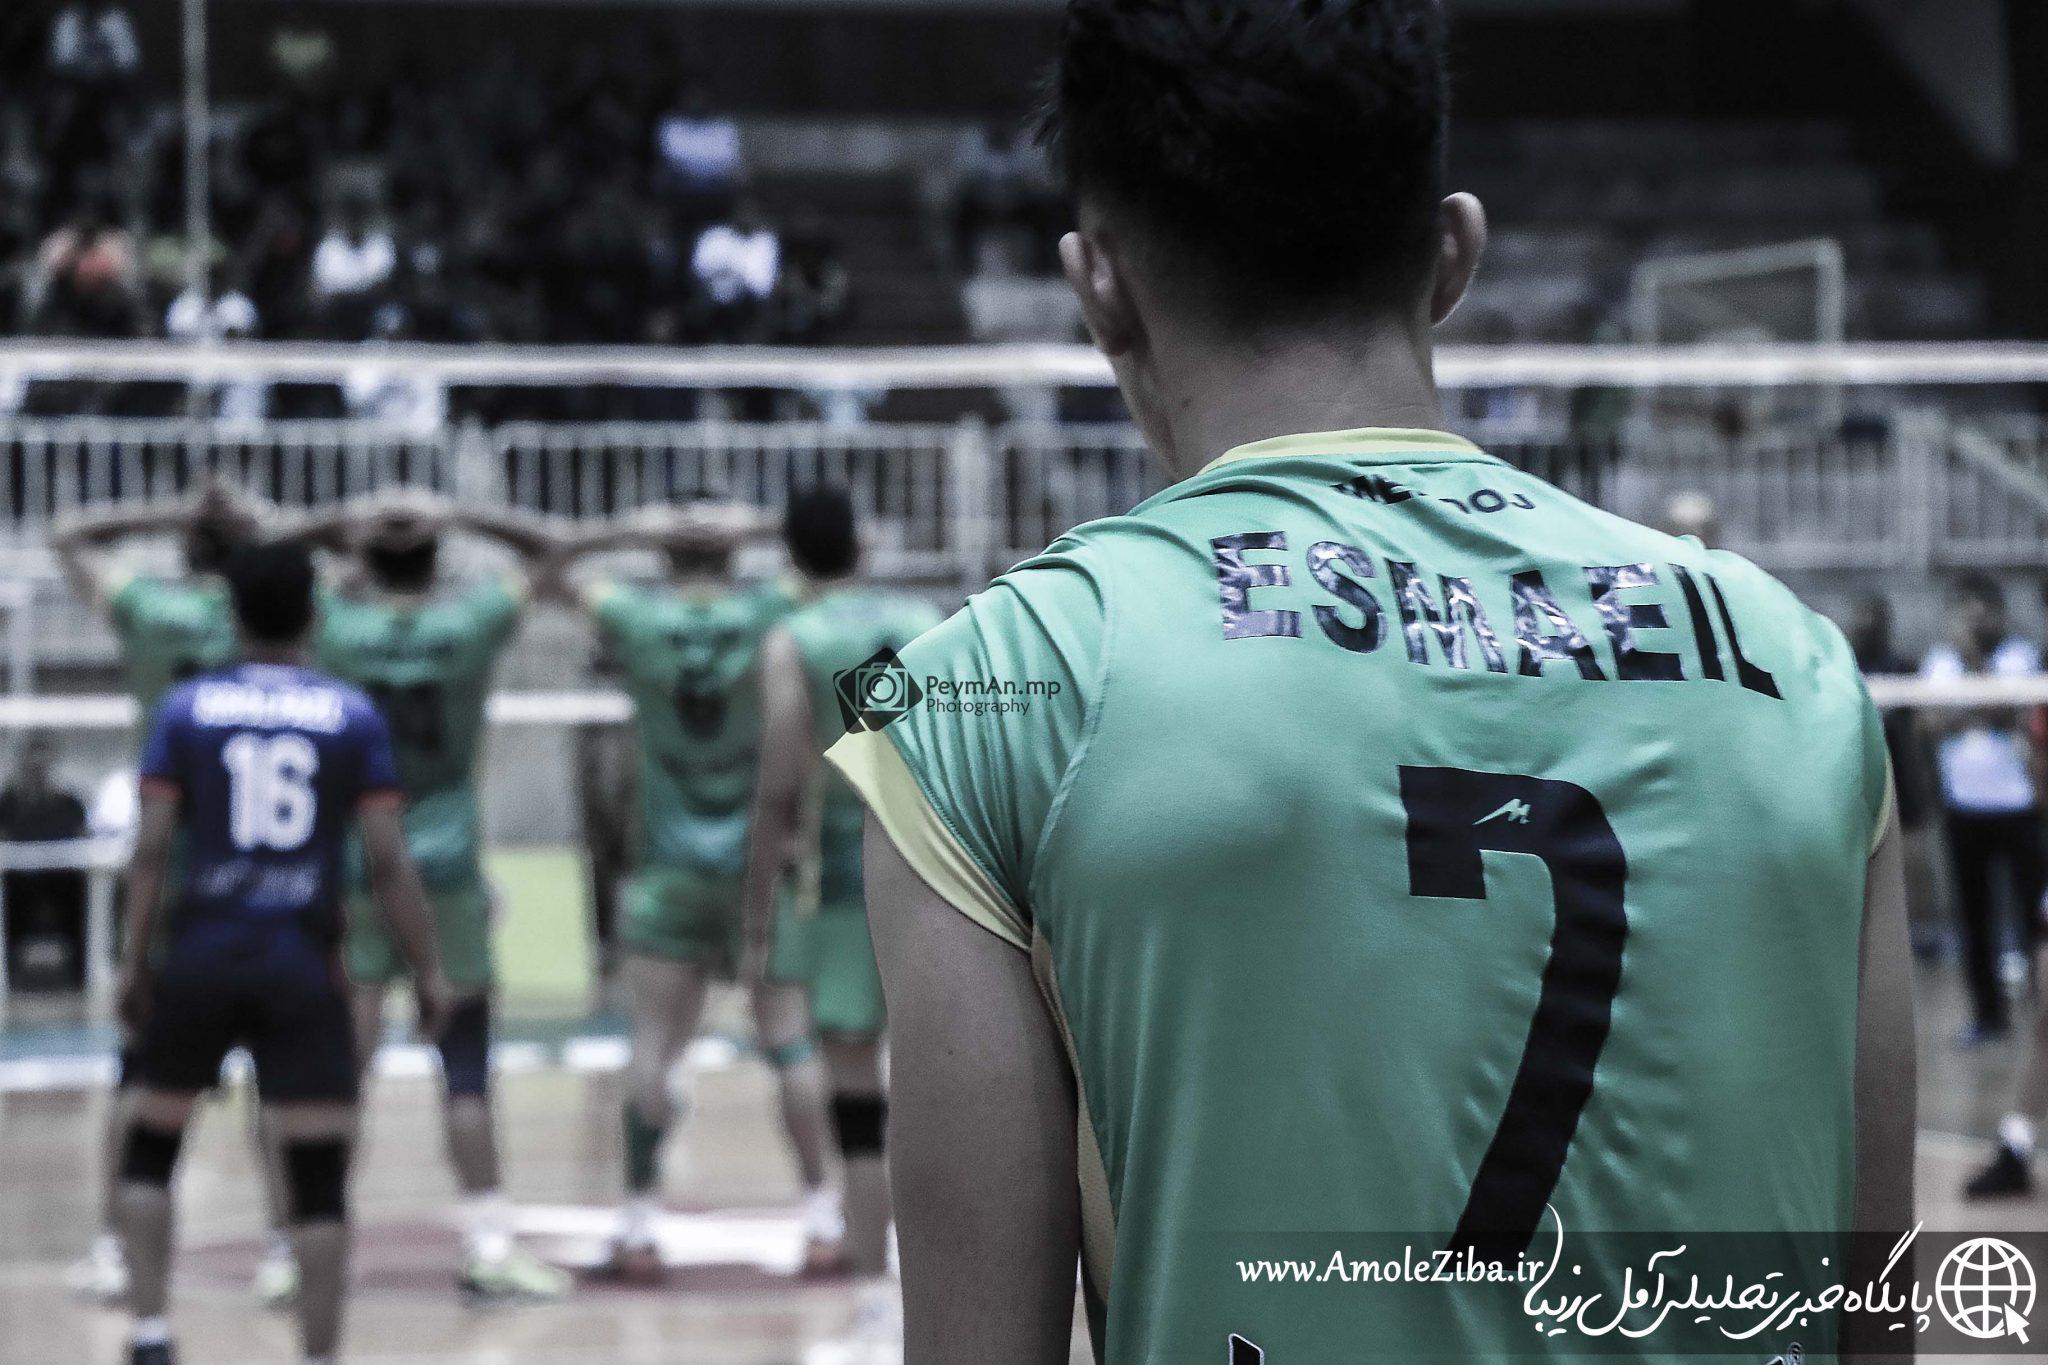 شکست یاران عطایی در تهران/ تجربه سرمایه داران بر جوانی کاله غلبه کرد